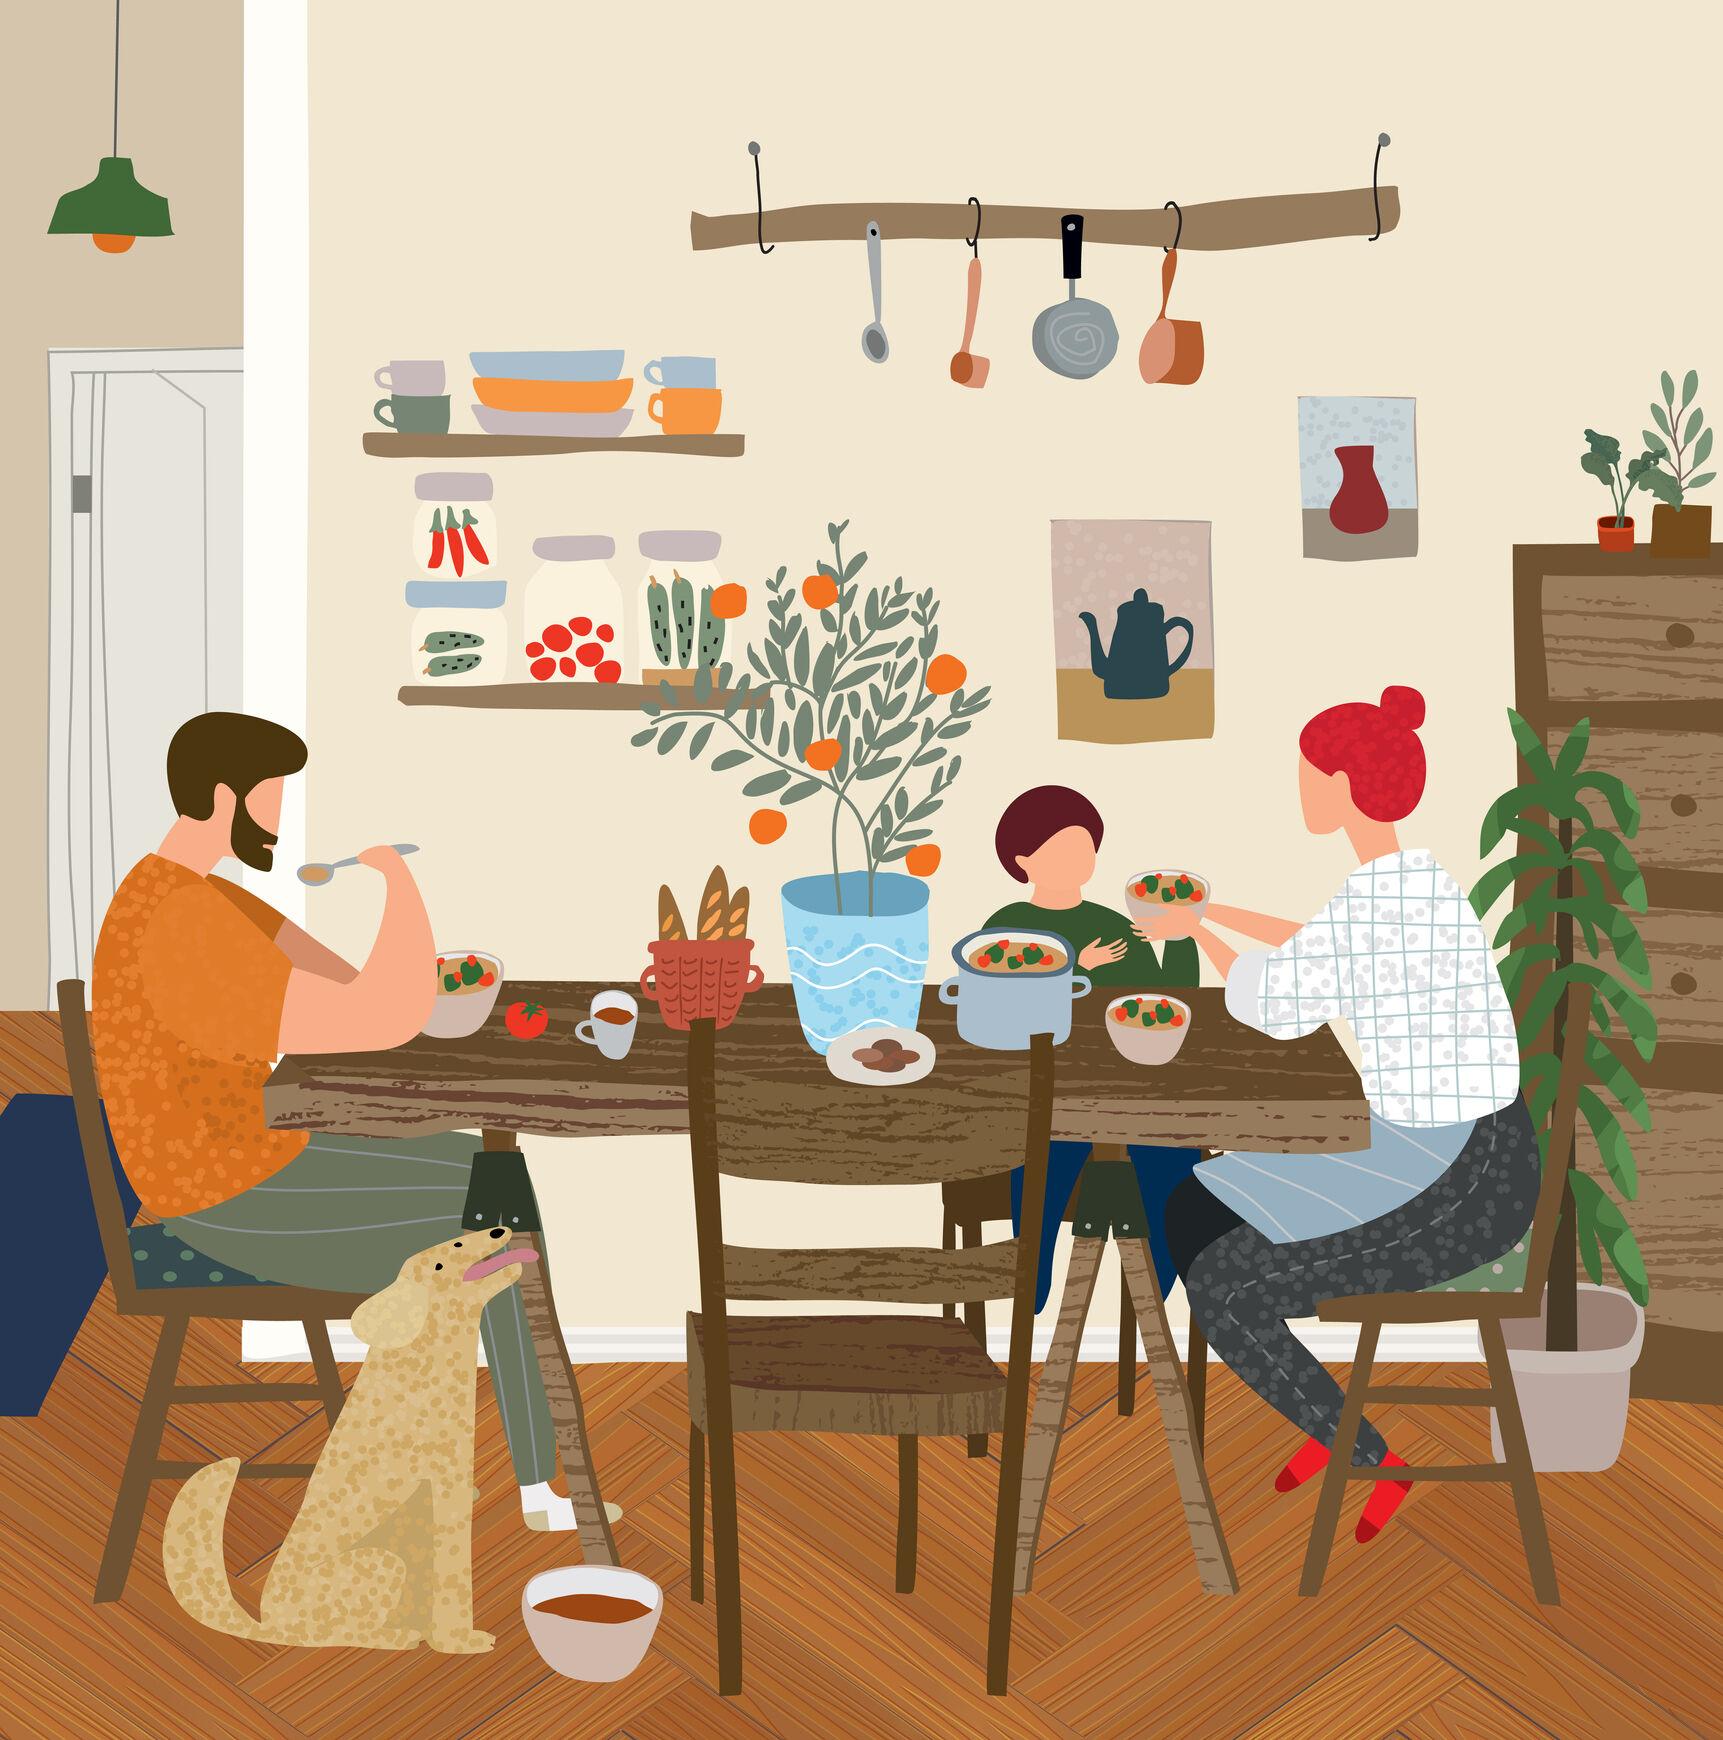 Ilustração de família conversando